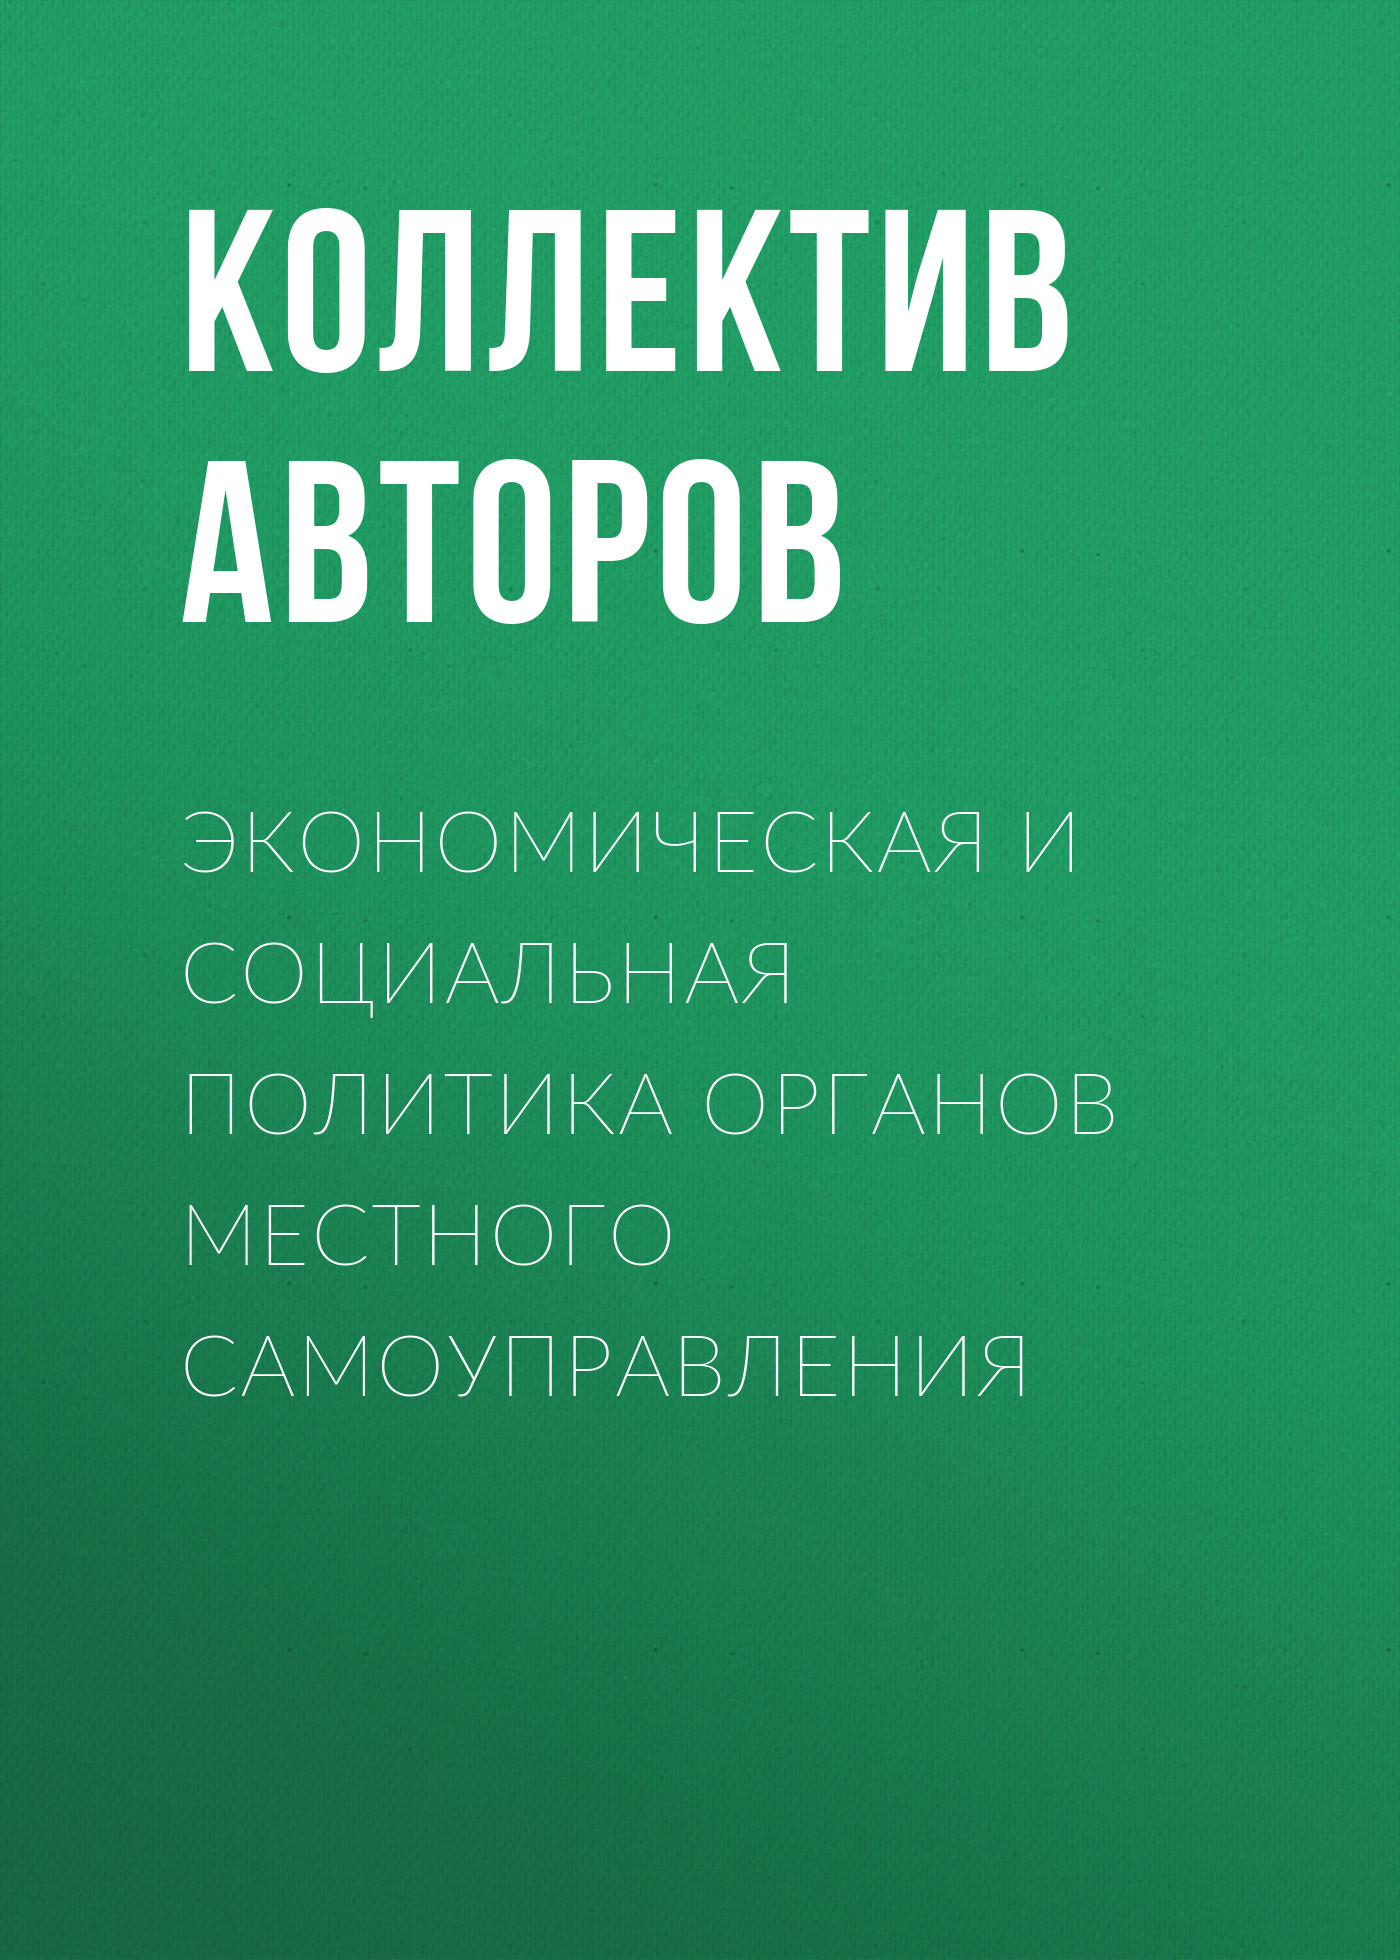 Коллектив авторов Экономическая и социальная политика органов местного самоуправления коллектив авторов экологические проблемы горнопромышленных регионов